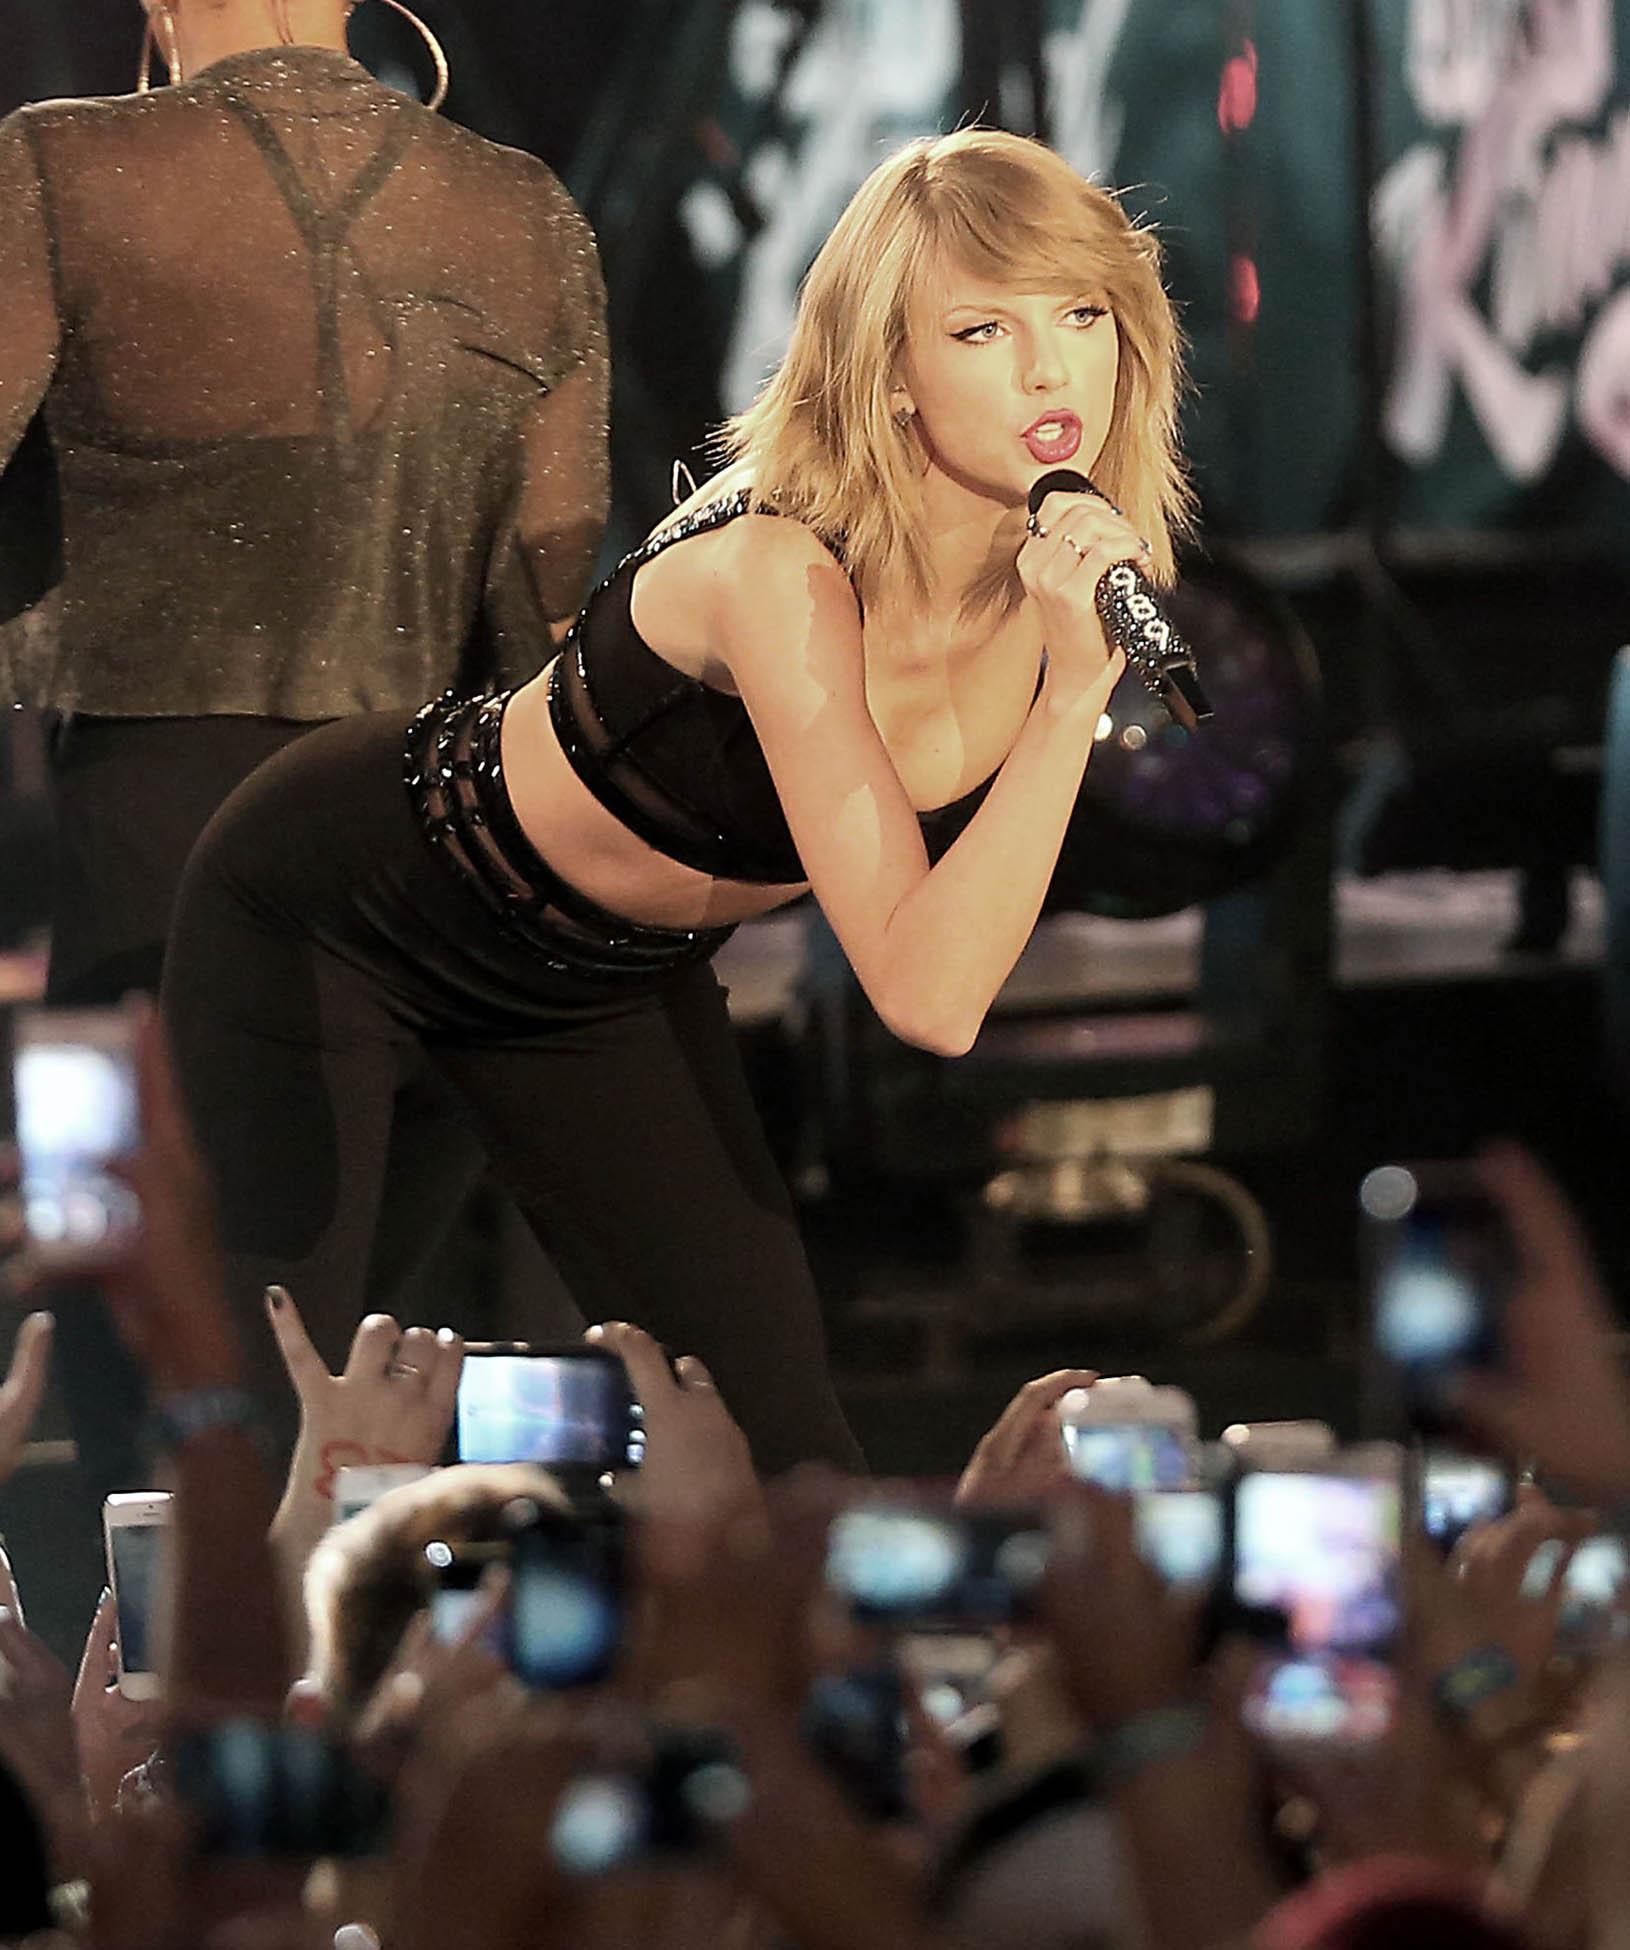 Güzel şarkıcı Taylor Swift sexy giyimi ile konserinde cesur ve erotik görüntüler verdi. En seksi yabancı ünlü kadınların HD fotoları bu sitede.